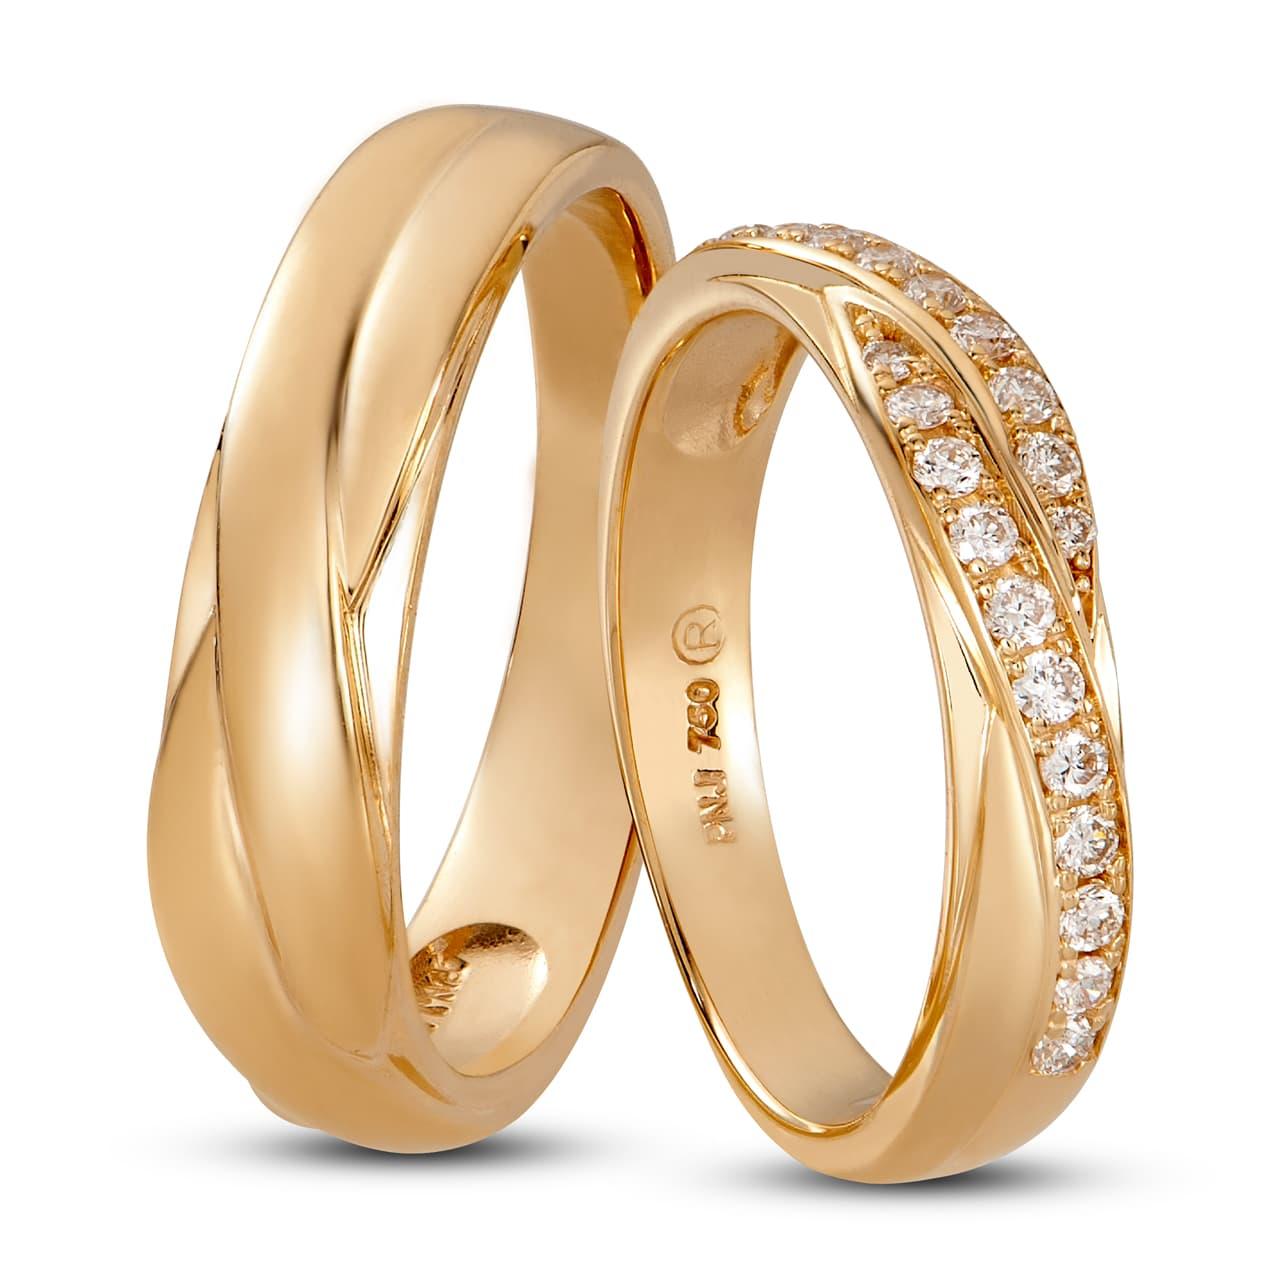 Xu hướng vàng cưới năm 2018 cho chị em